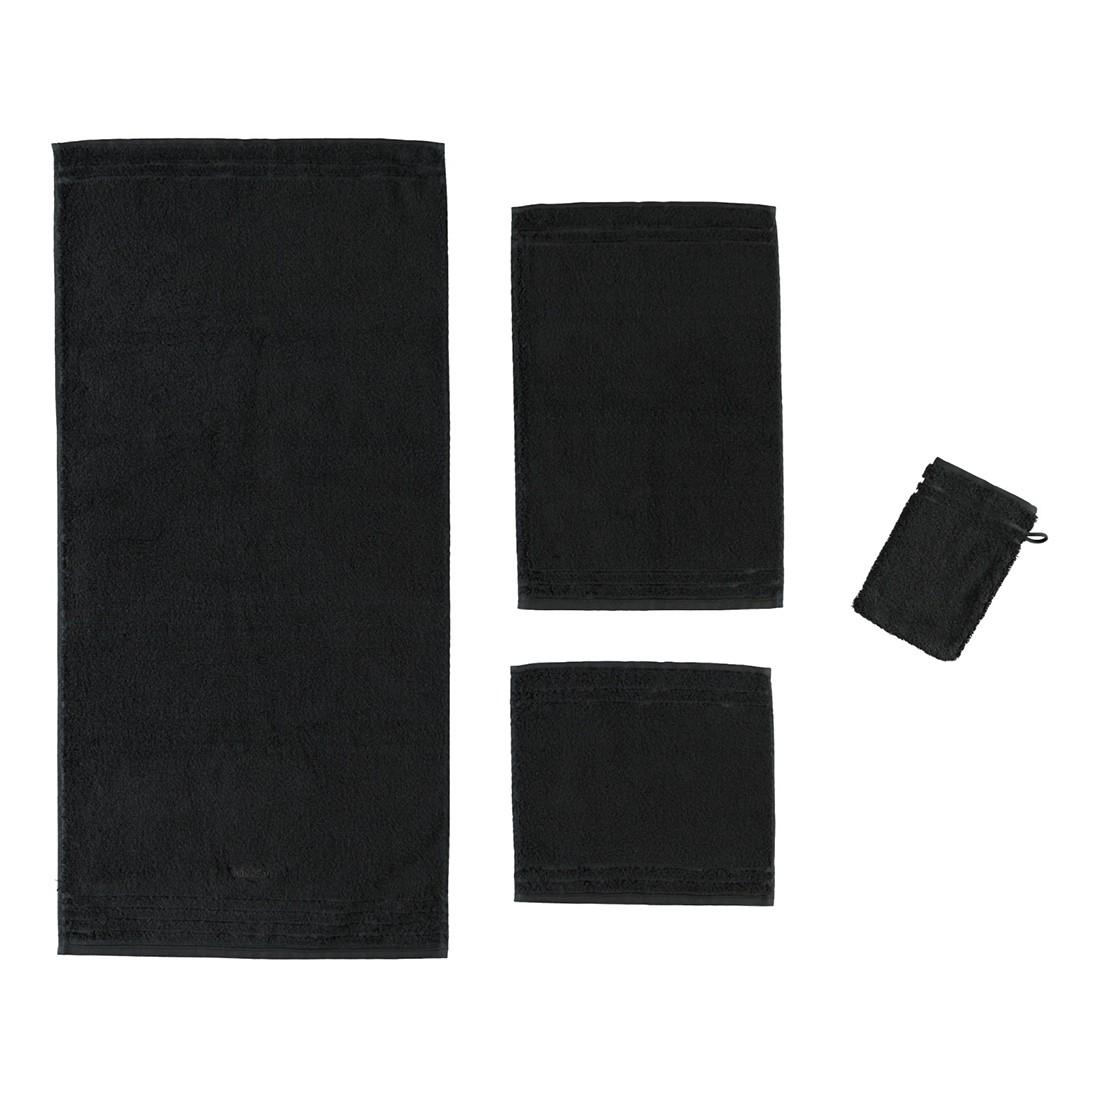 Handtuch Vienna Style Supersoft – 100% Baumwolle Schwarz – 790 – Seiflappen: 30 x 30 cm, Vossen jetzt bestellen